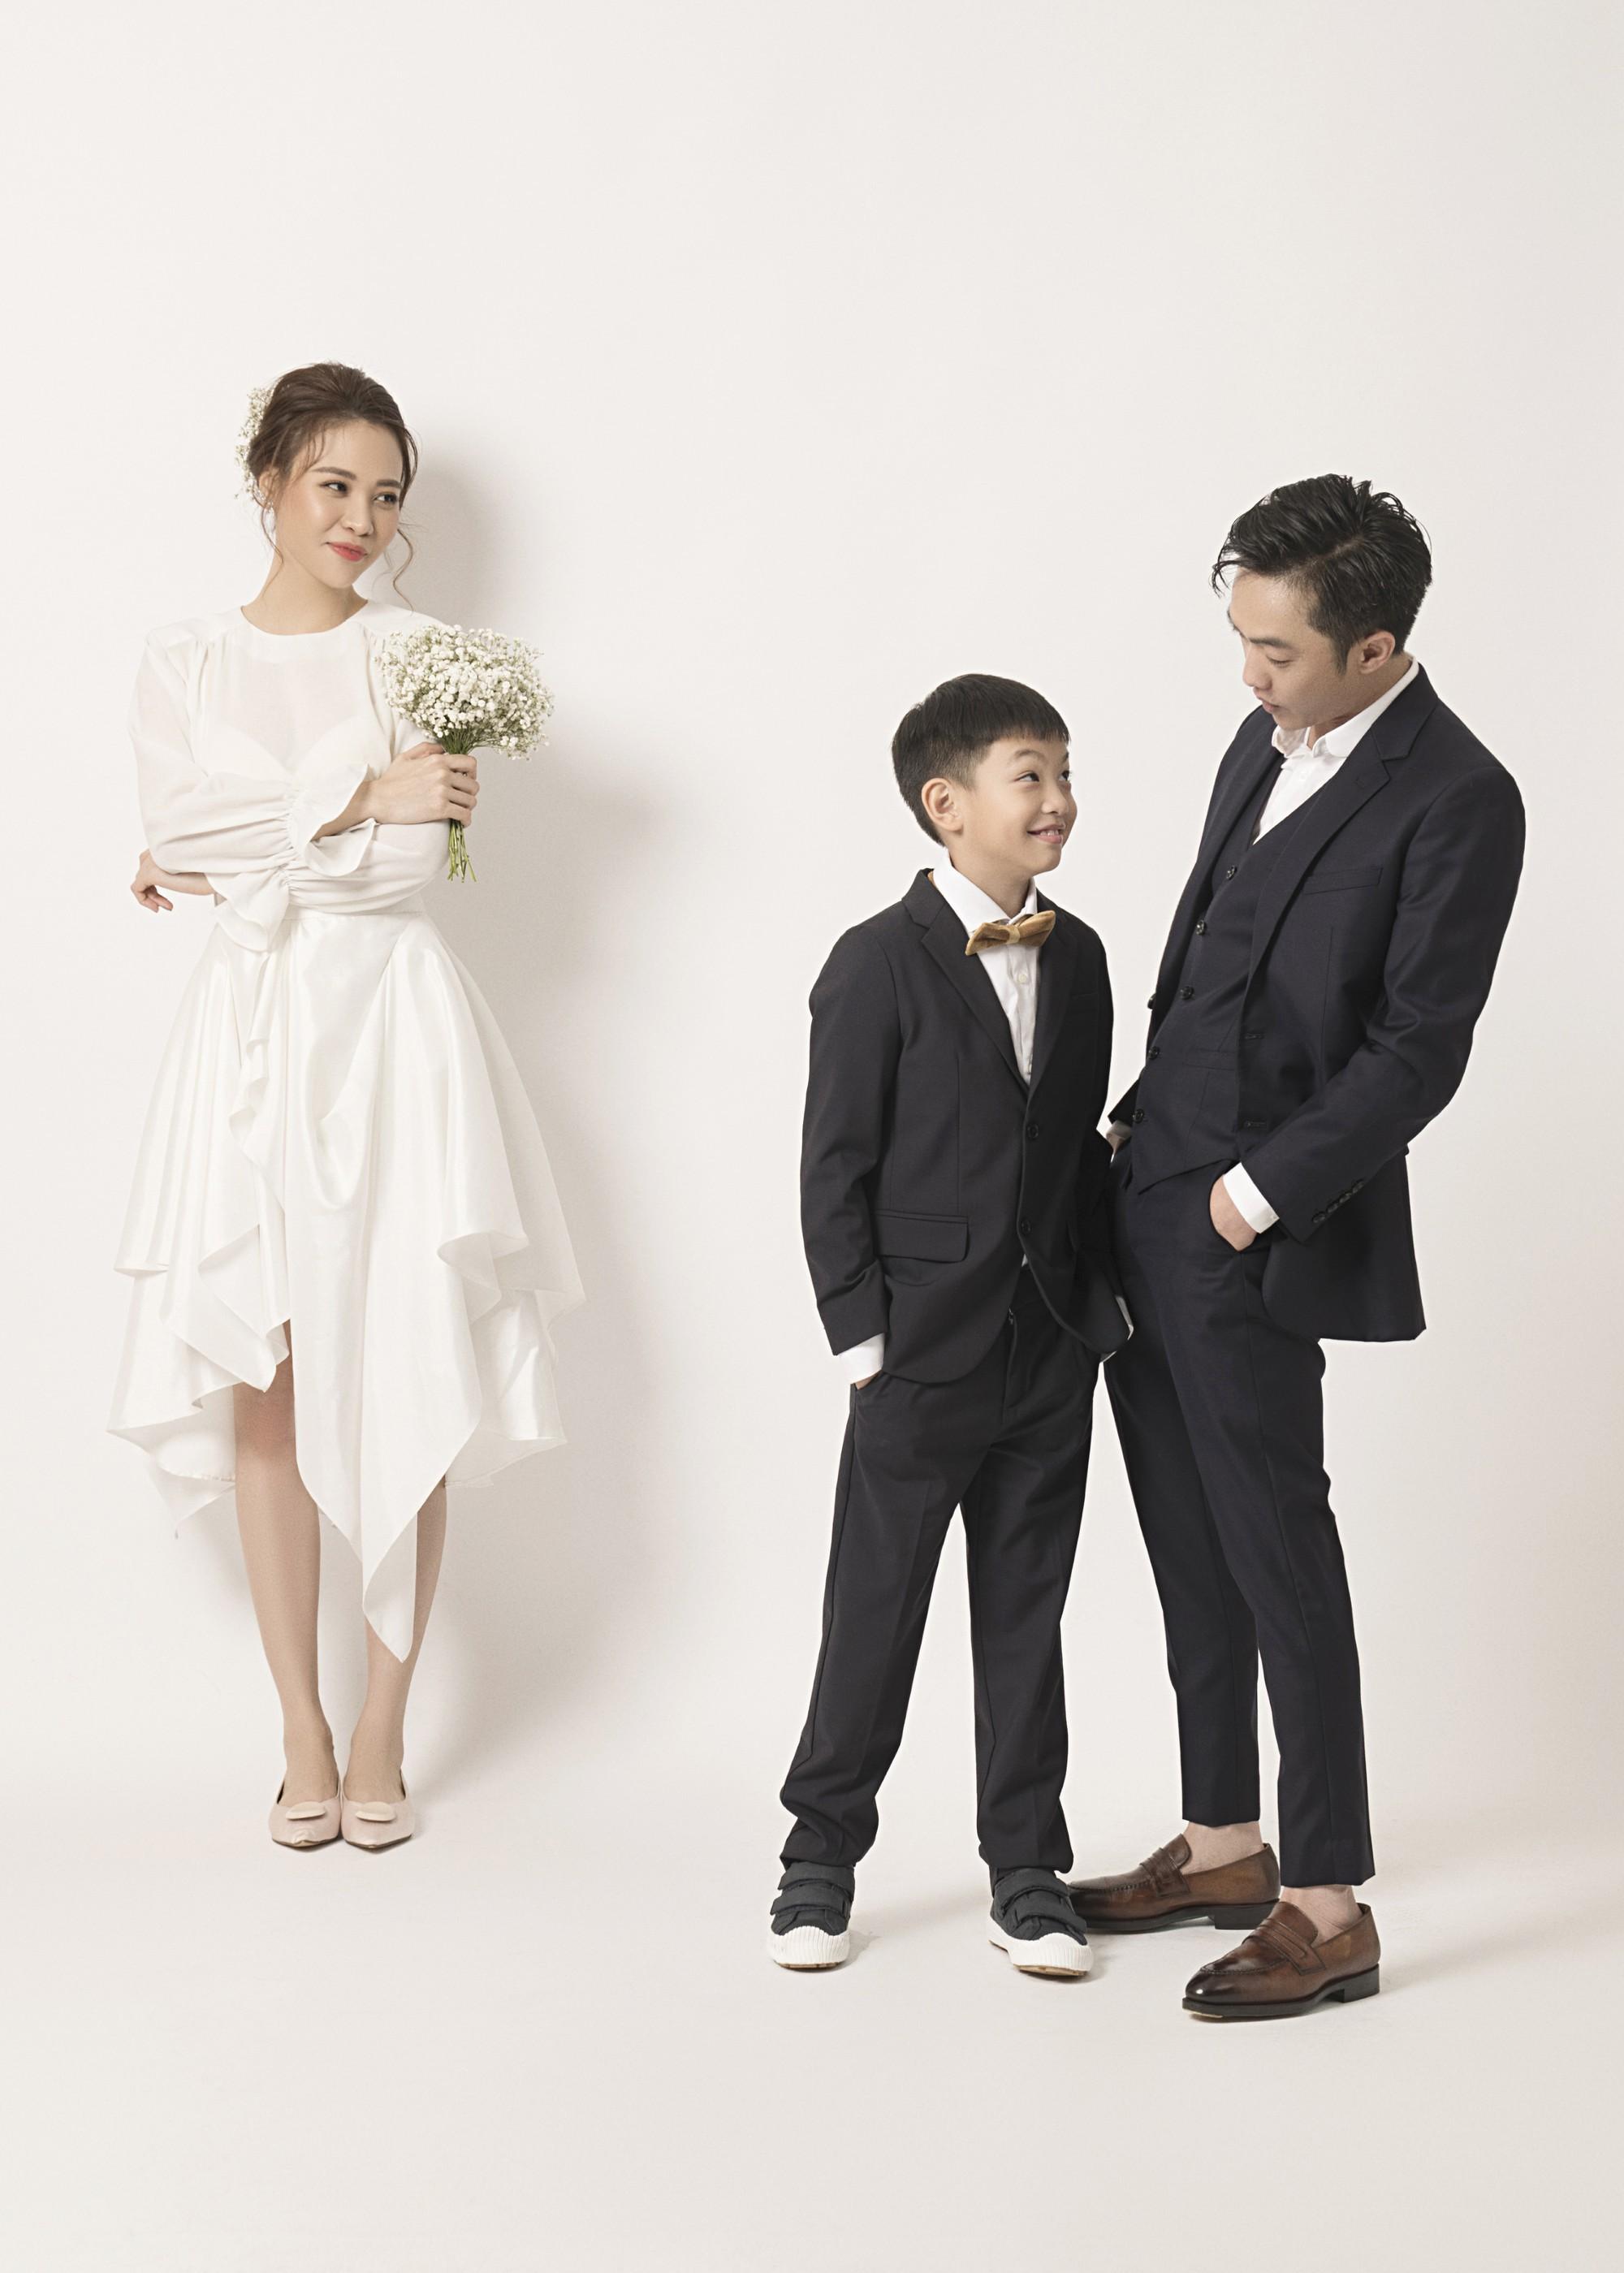 Cường Đôla hôn vợ say đắm trong loạt ảnh cưới mới, bé Subeo thân thiết nắm tay mẹ kế-3